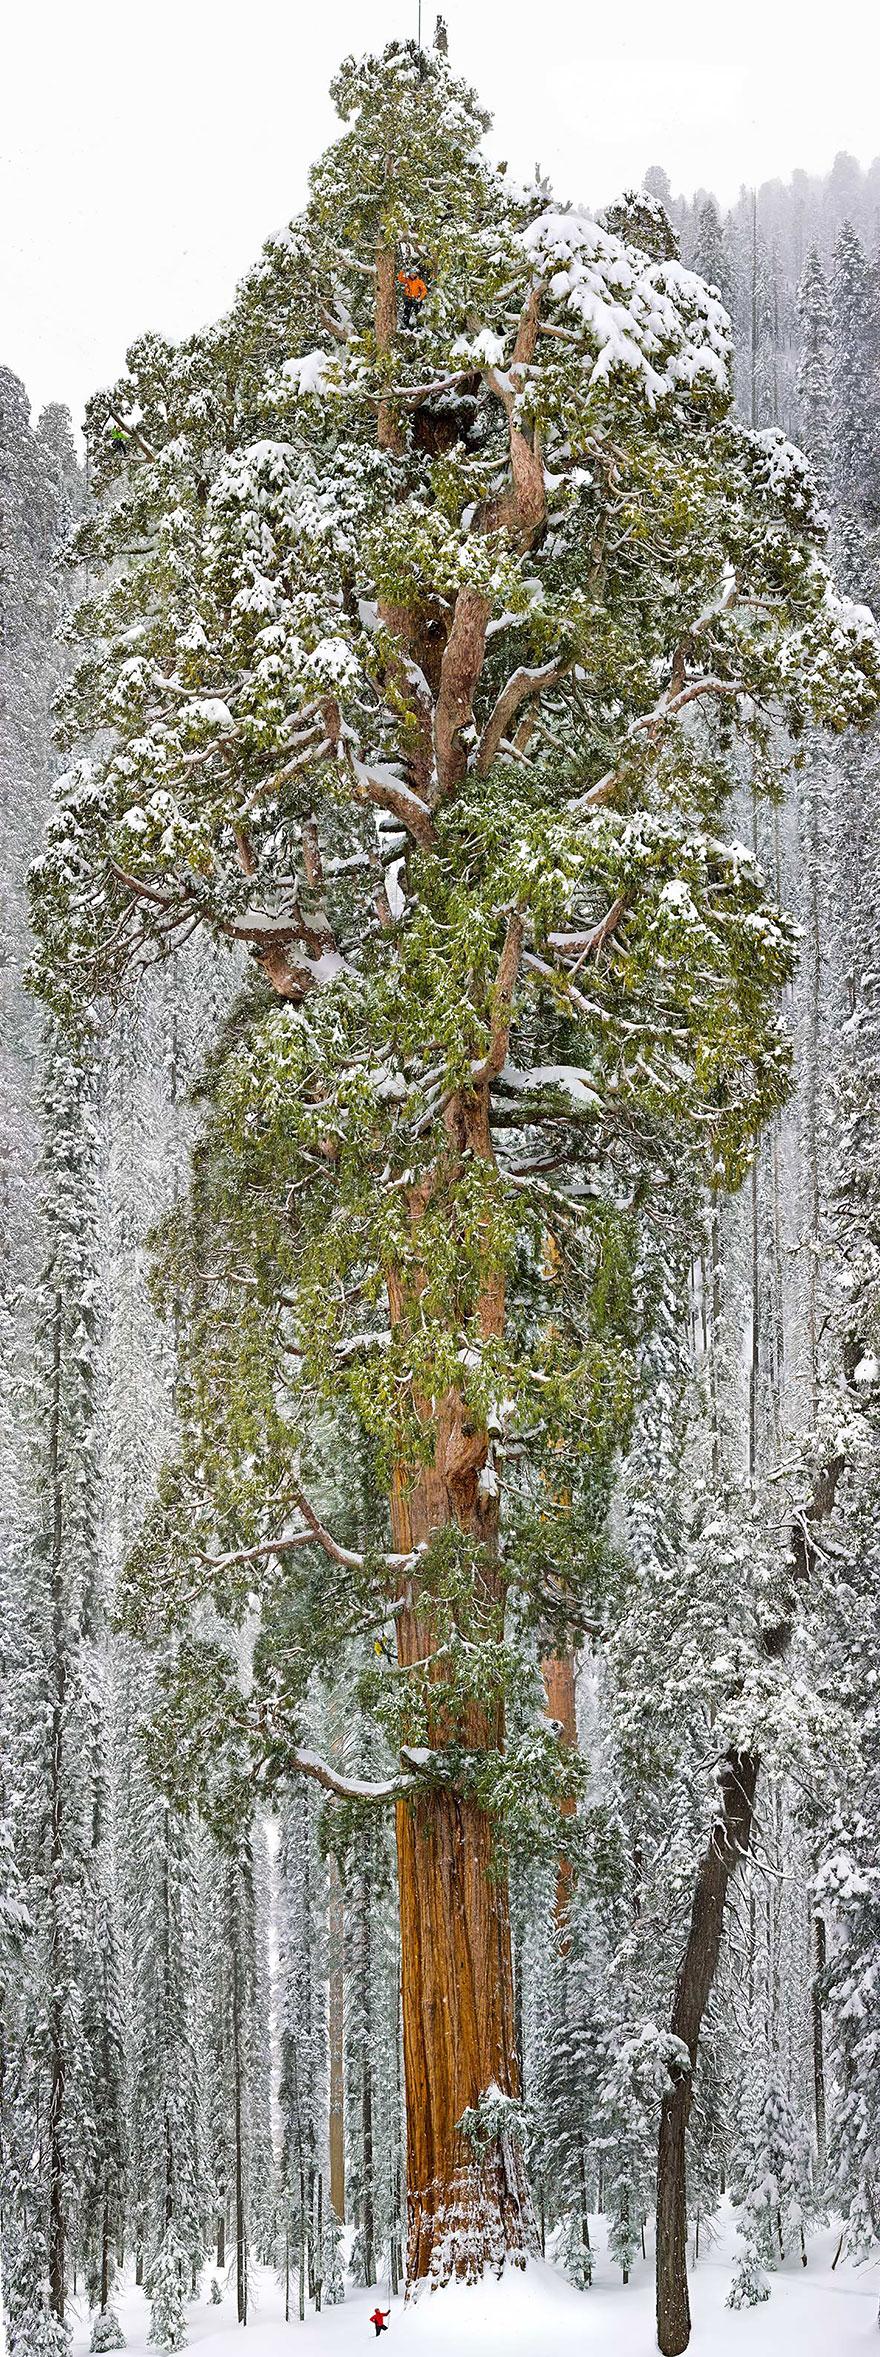 Президент - третья по величине гигантская секвойя в мире, штат Калифорния-20